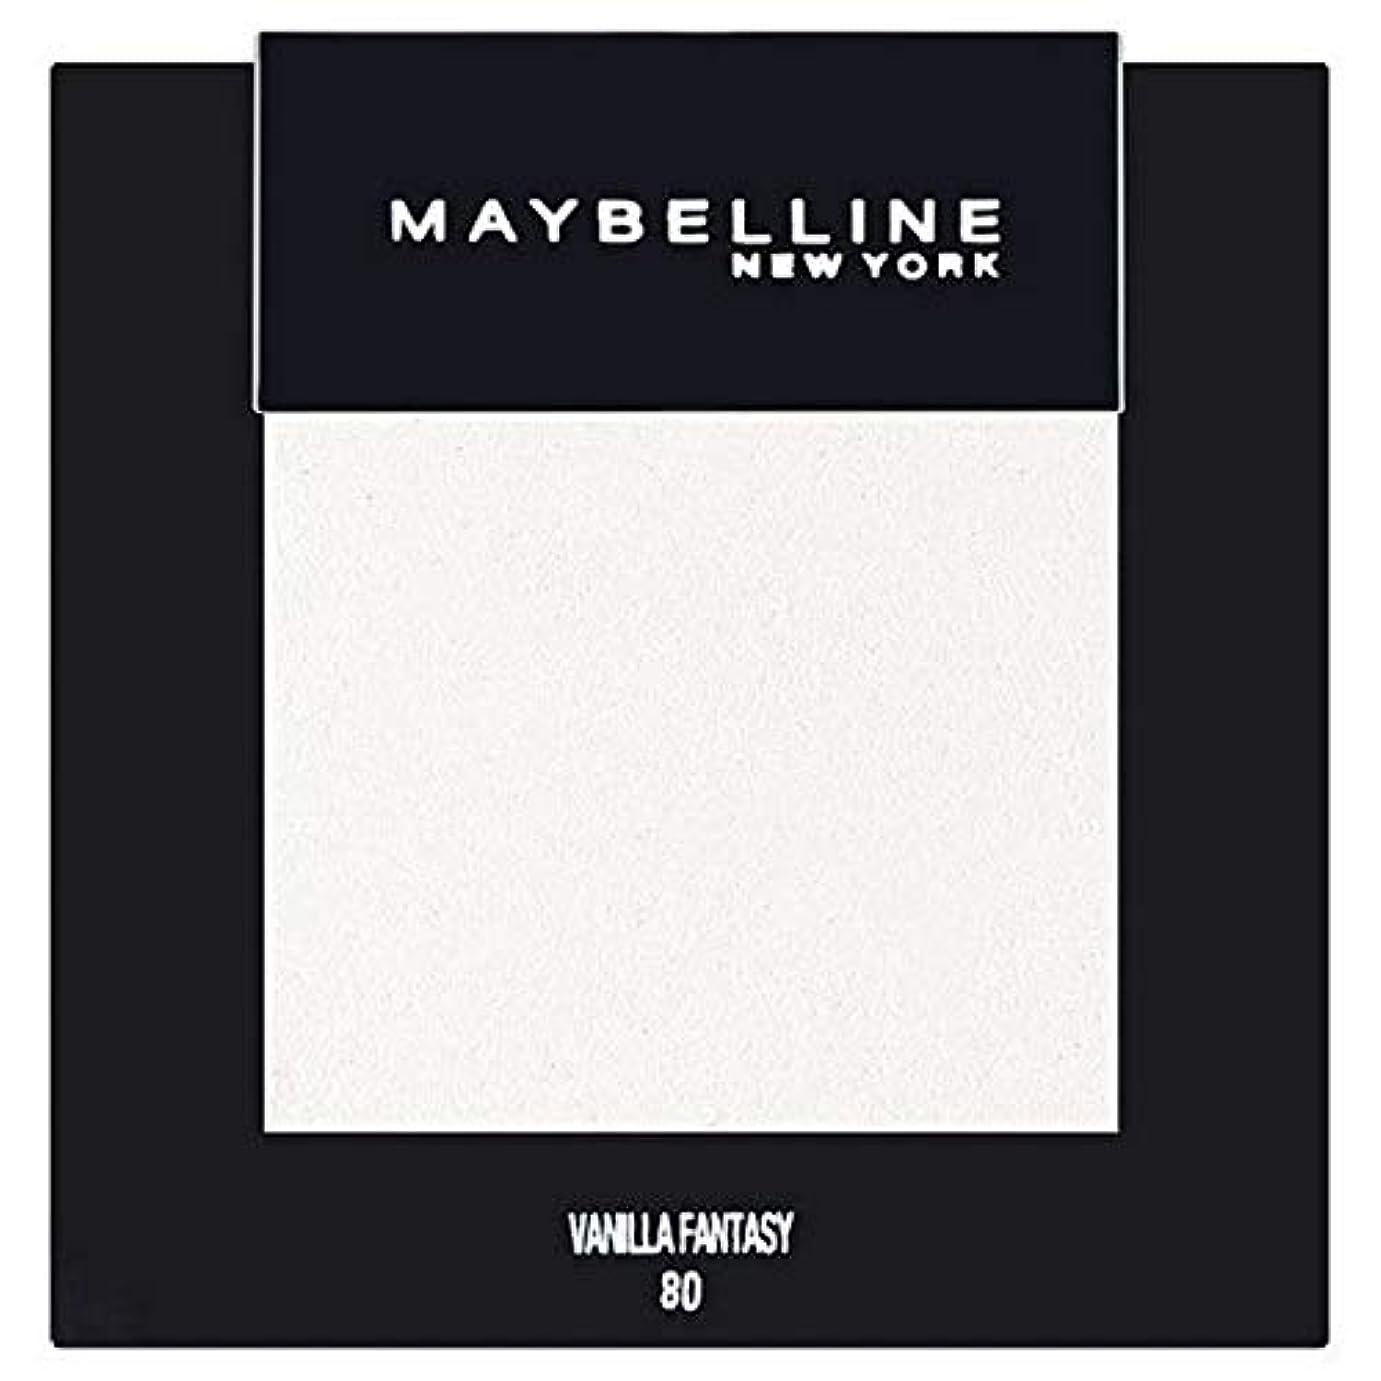 断線純粋なドライブ[Maybelline ] メイベリンカラーショーシングルアイシャドウ80バニラ - Maybelline Color Show Single Eyeshadow 80 Vanilla [並行輸入品]